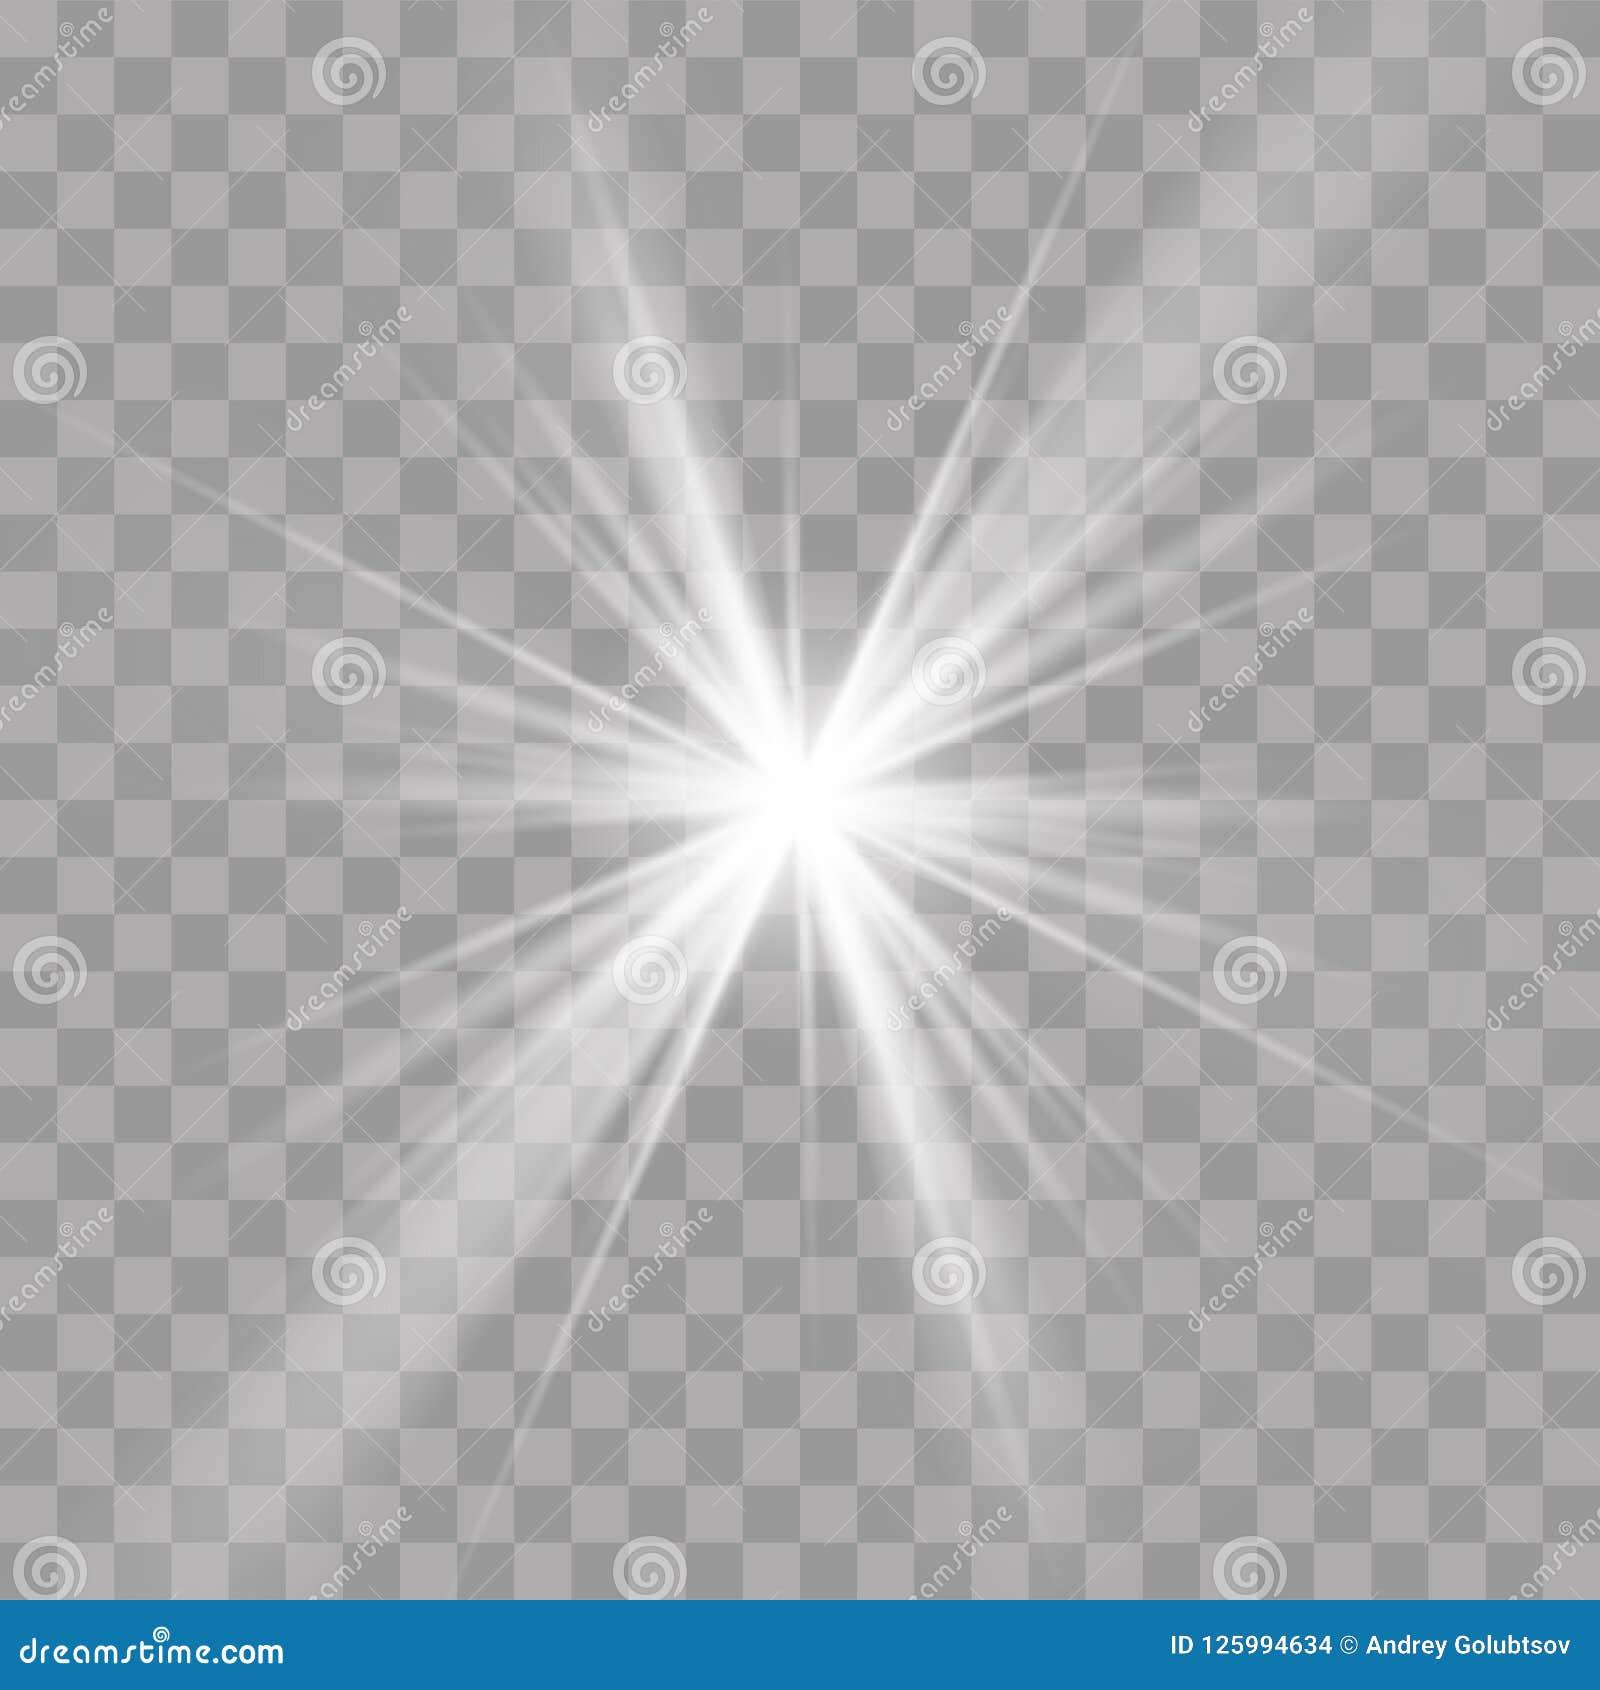 Το αστέρι ήλιων ελαφριών ακτίνων λάμπει επίδραση ακτινοβολιών λάμψης